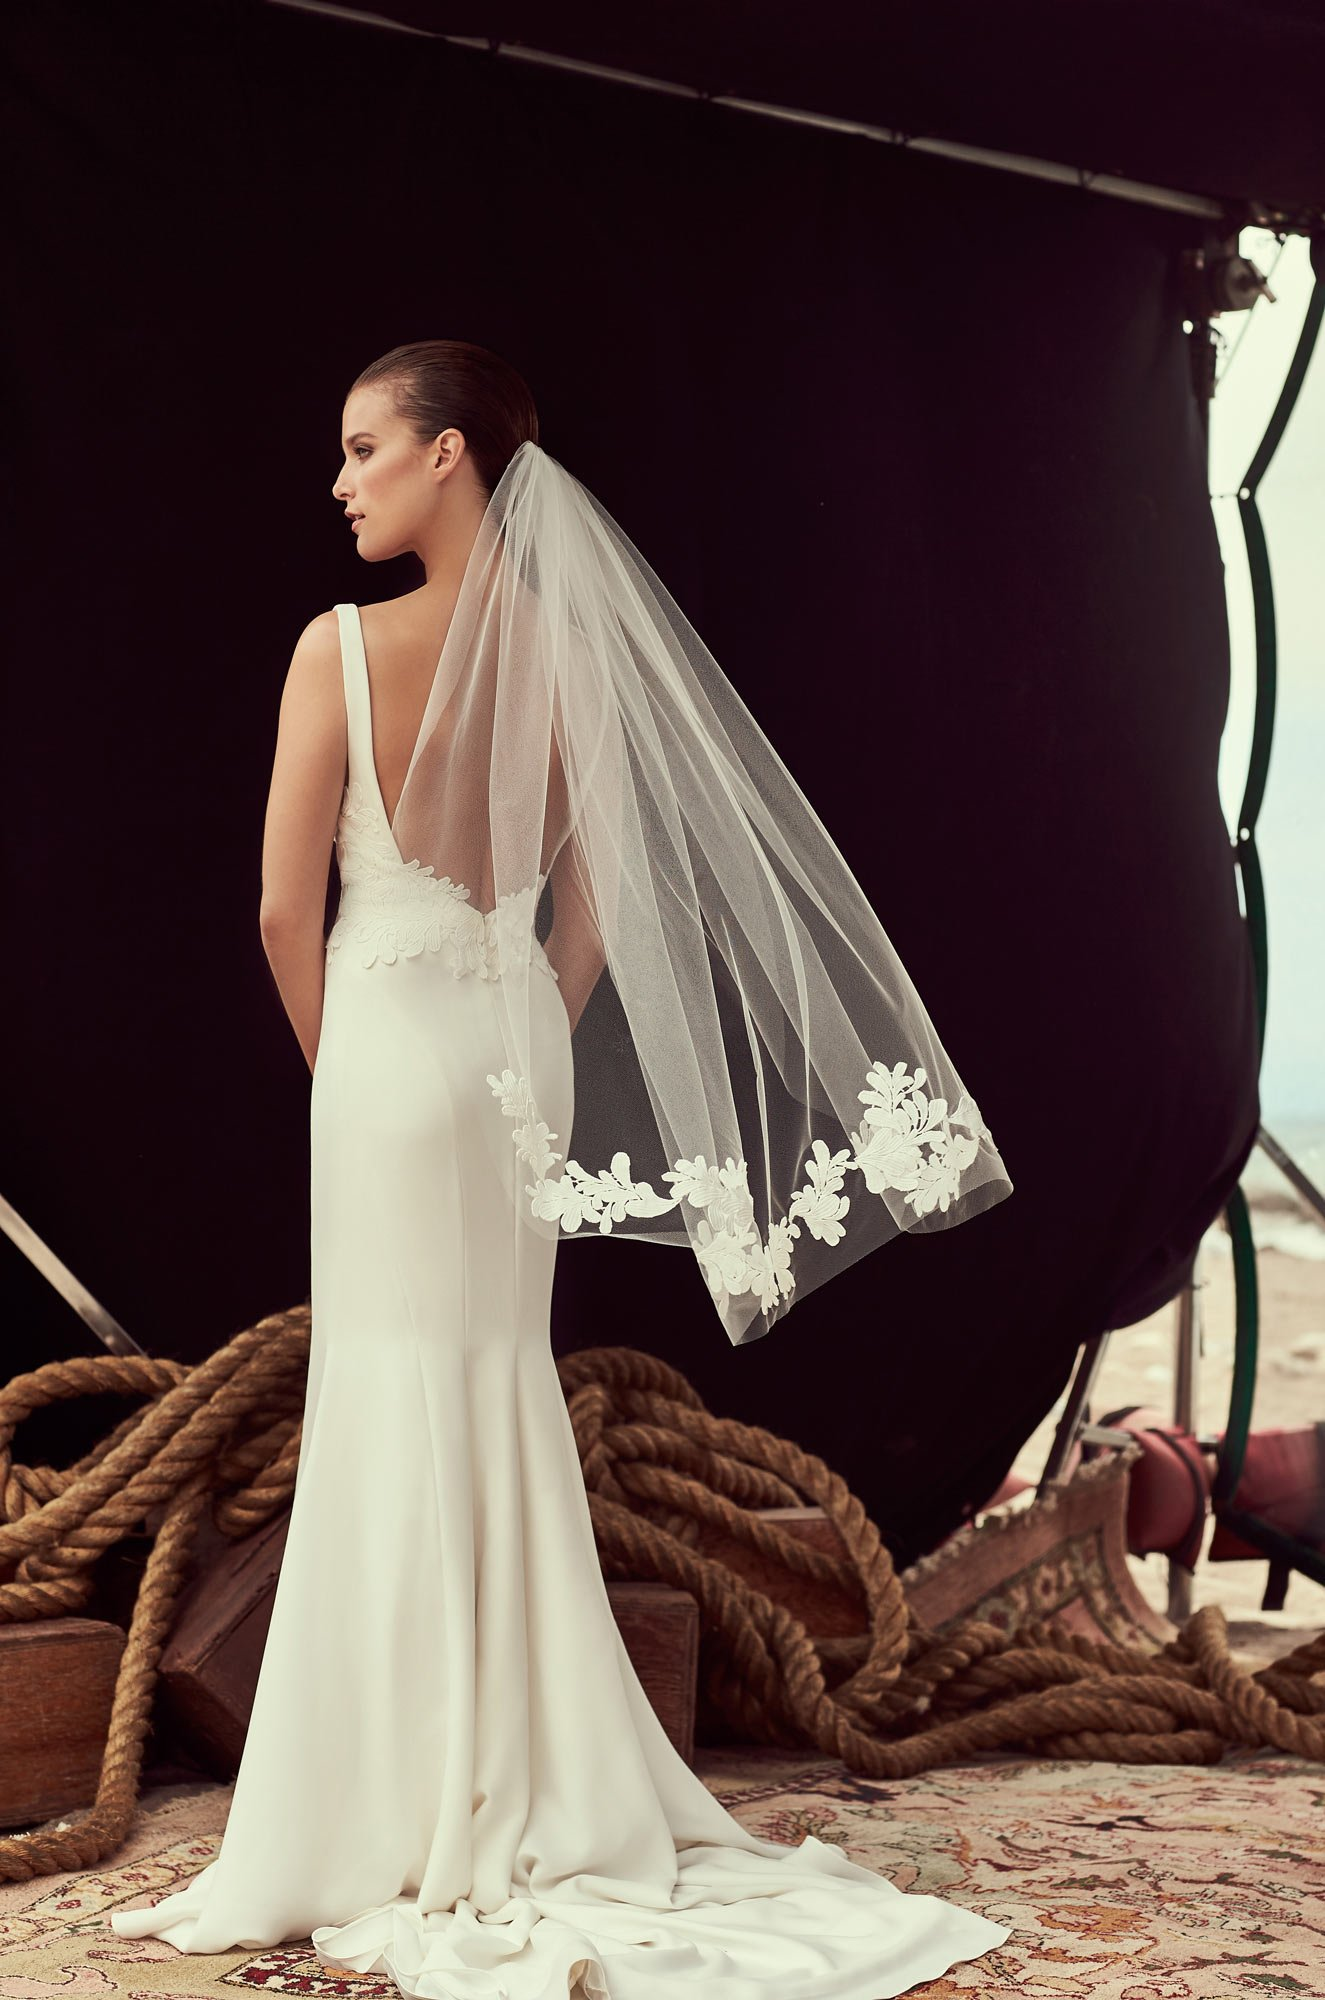 Guipure Lace Veil - Style #VM481F | Mikaella Bridal